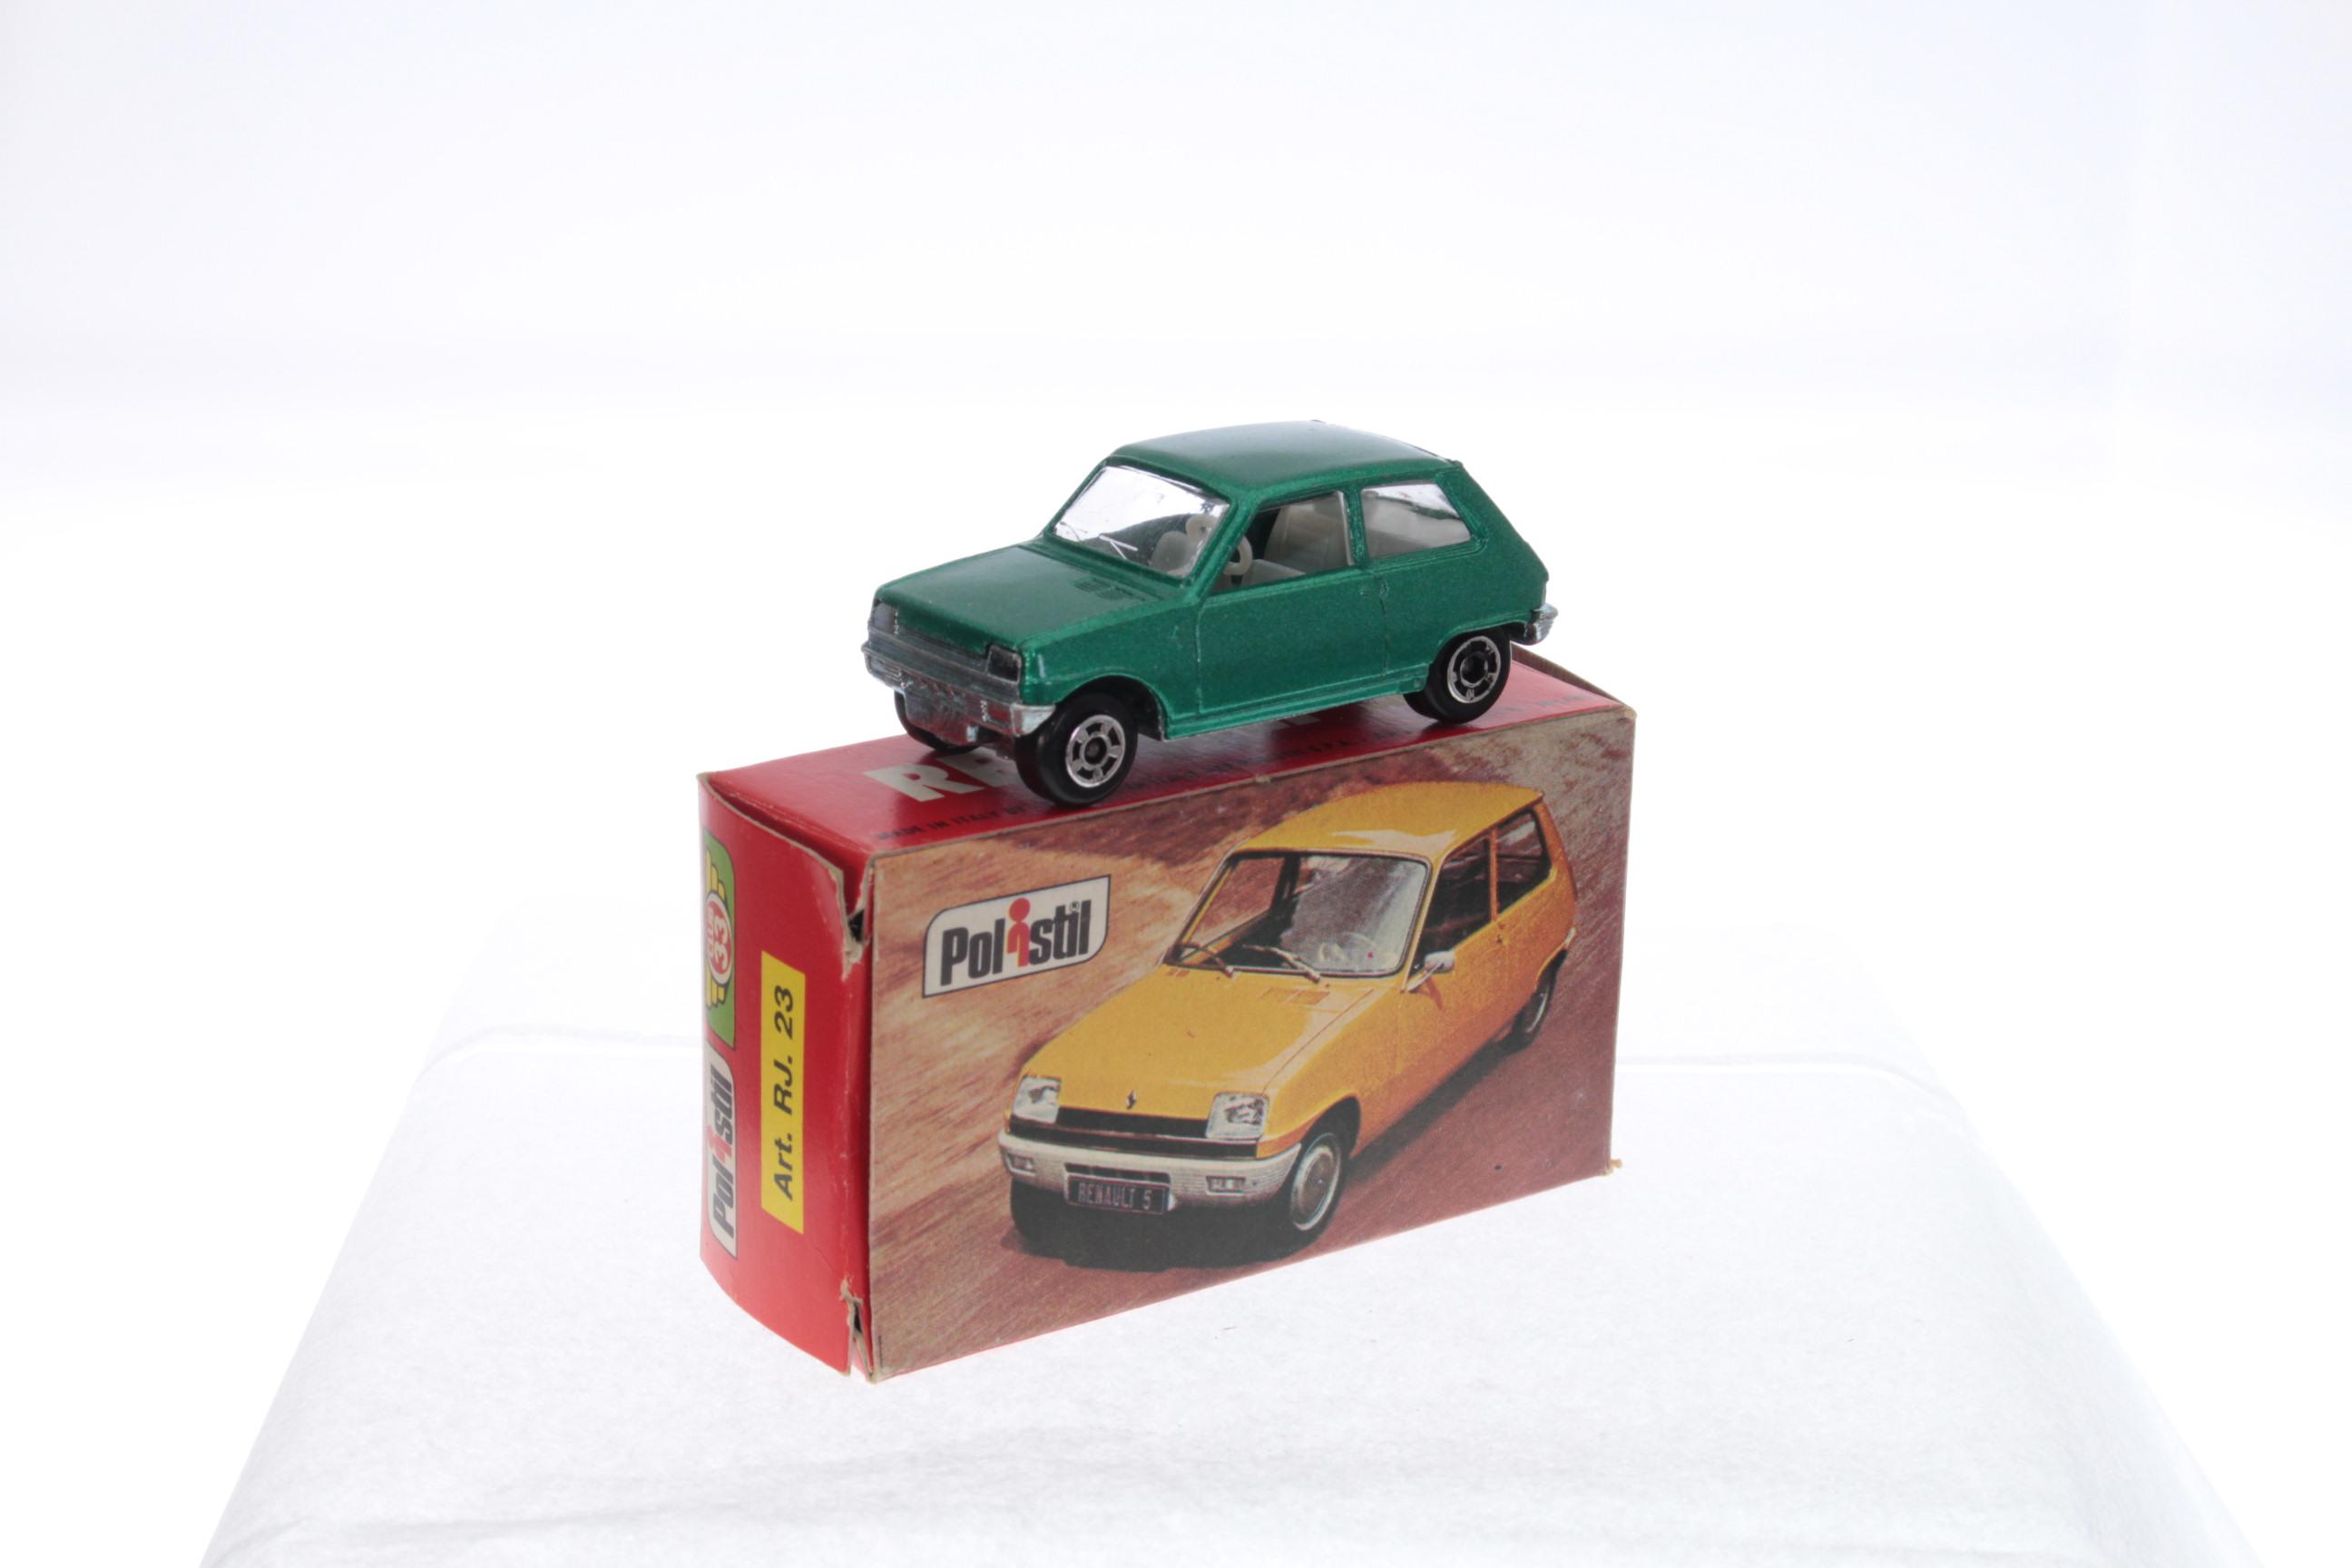 Picture Gallery for Polistil RJ23 Renault 5L